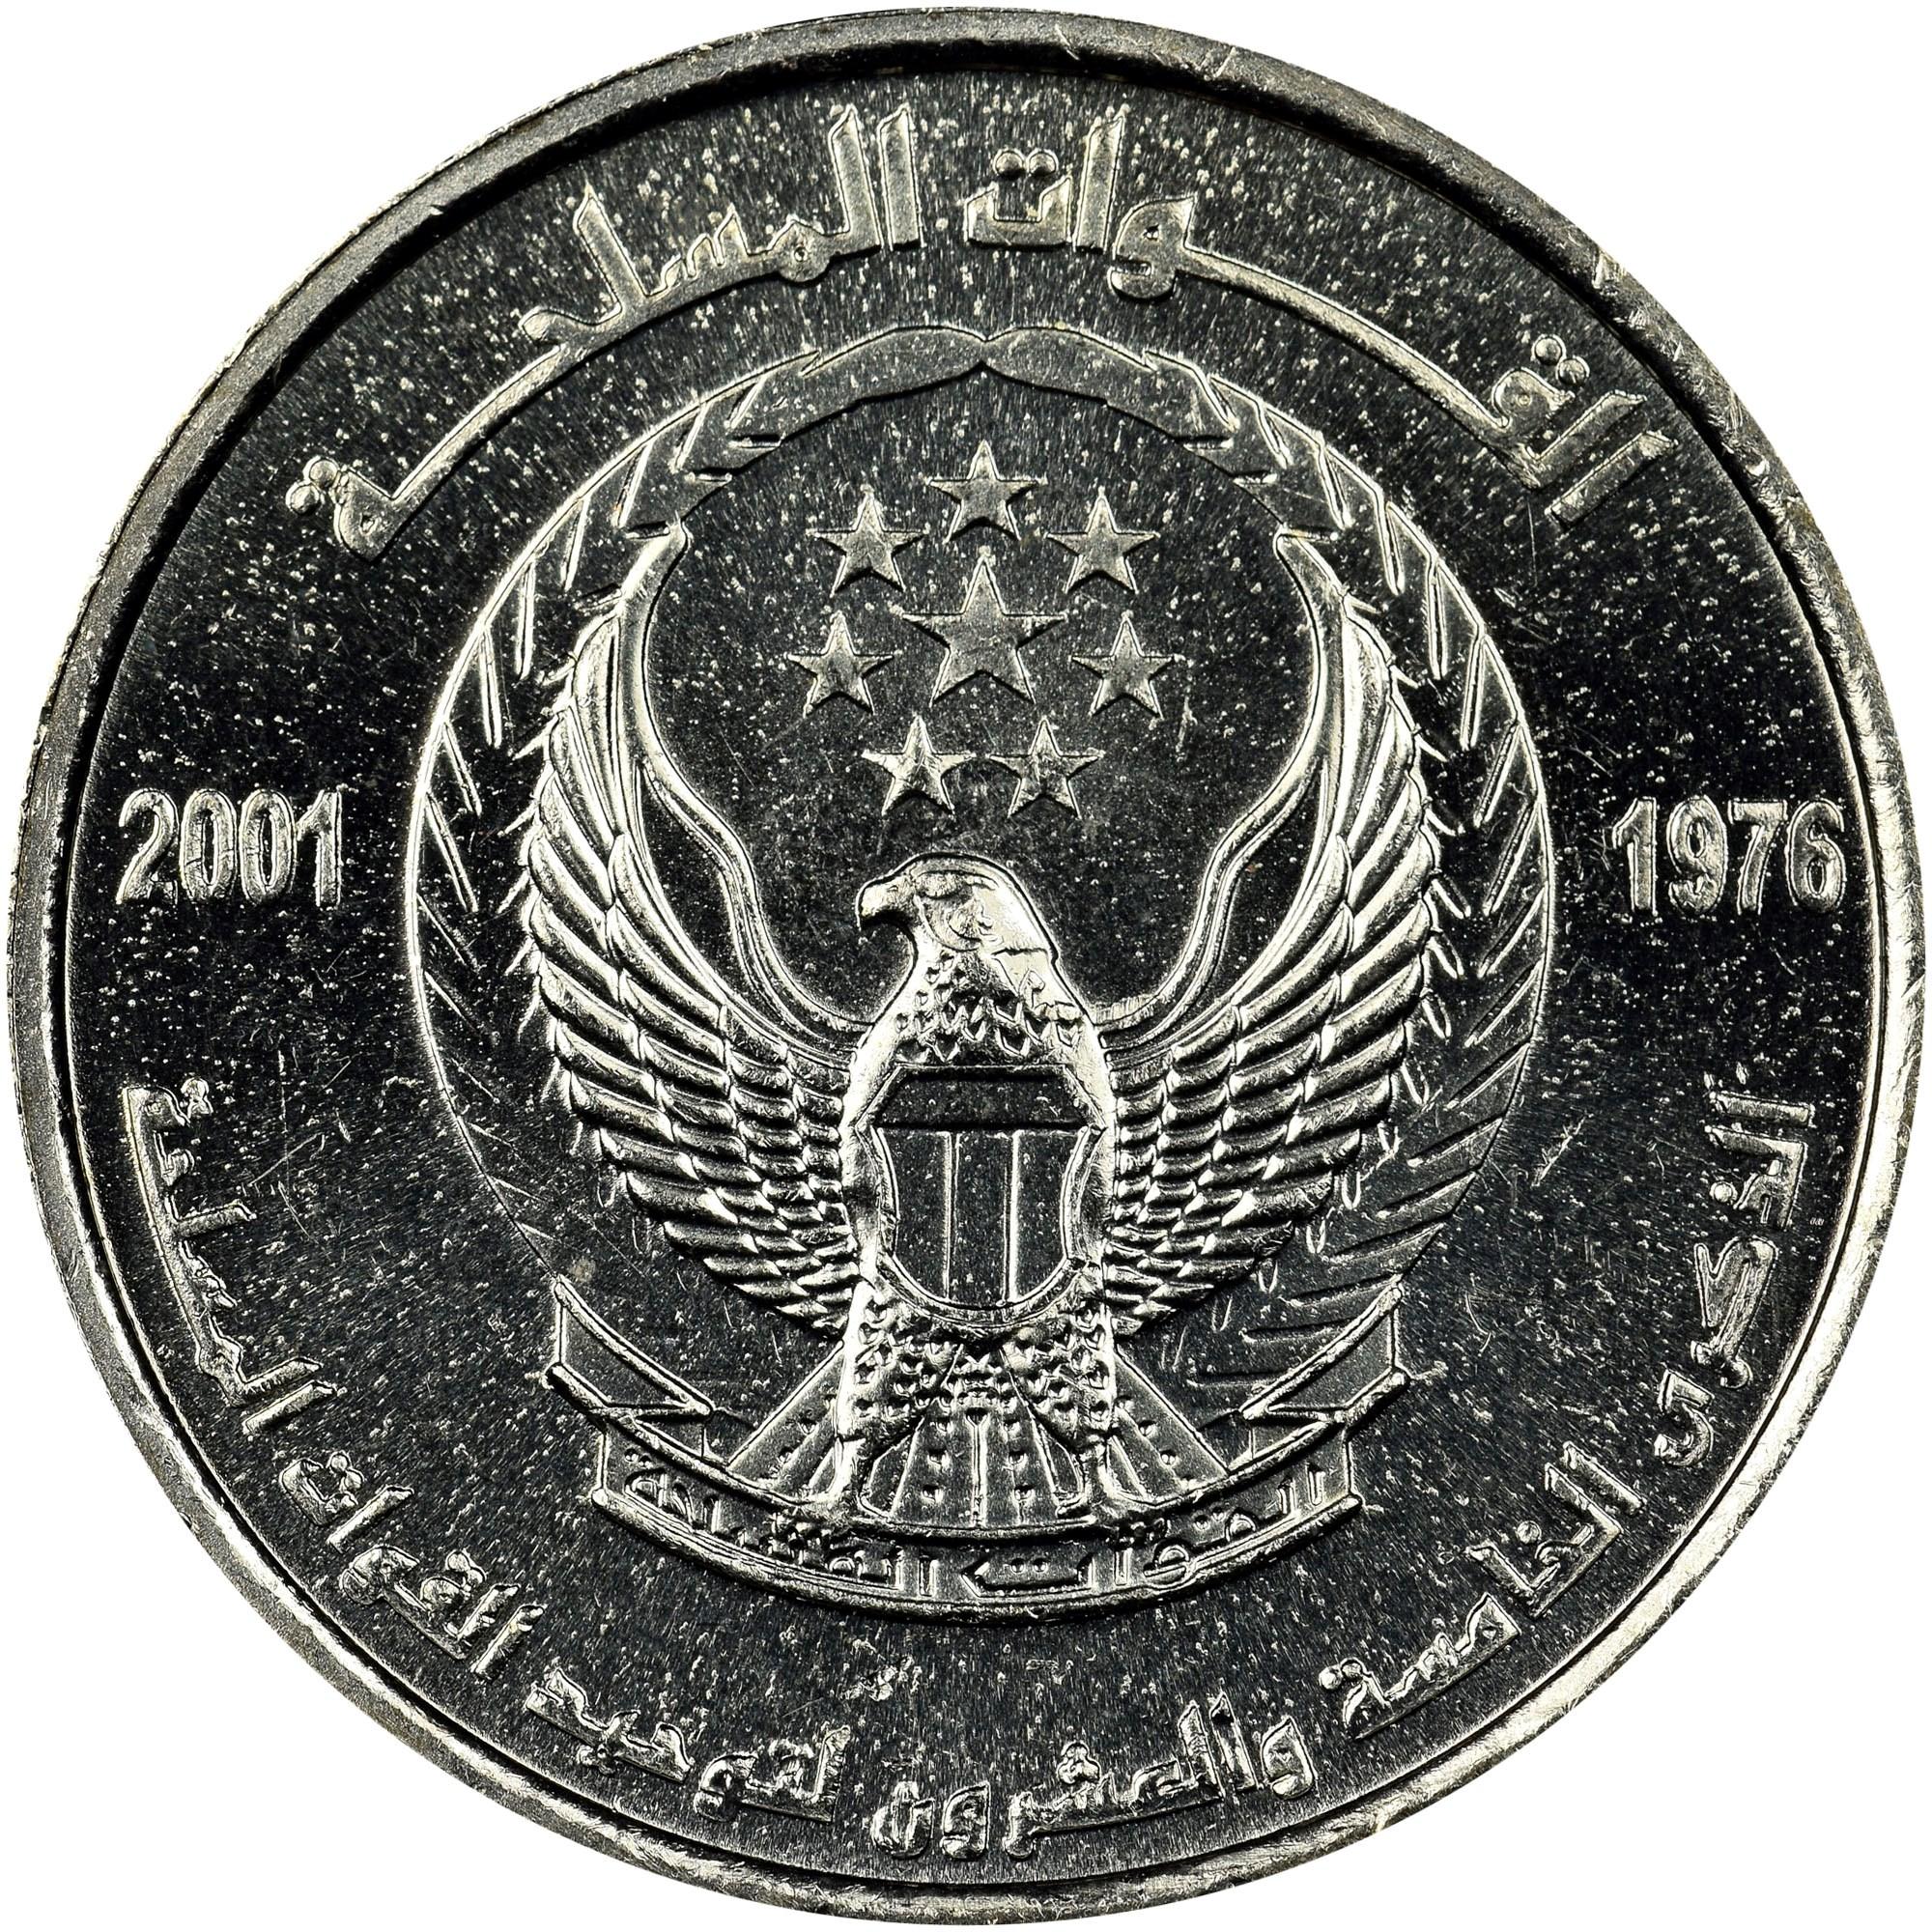 United Arab Emirates Dirham Km 49 Prices Values Ngc